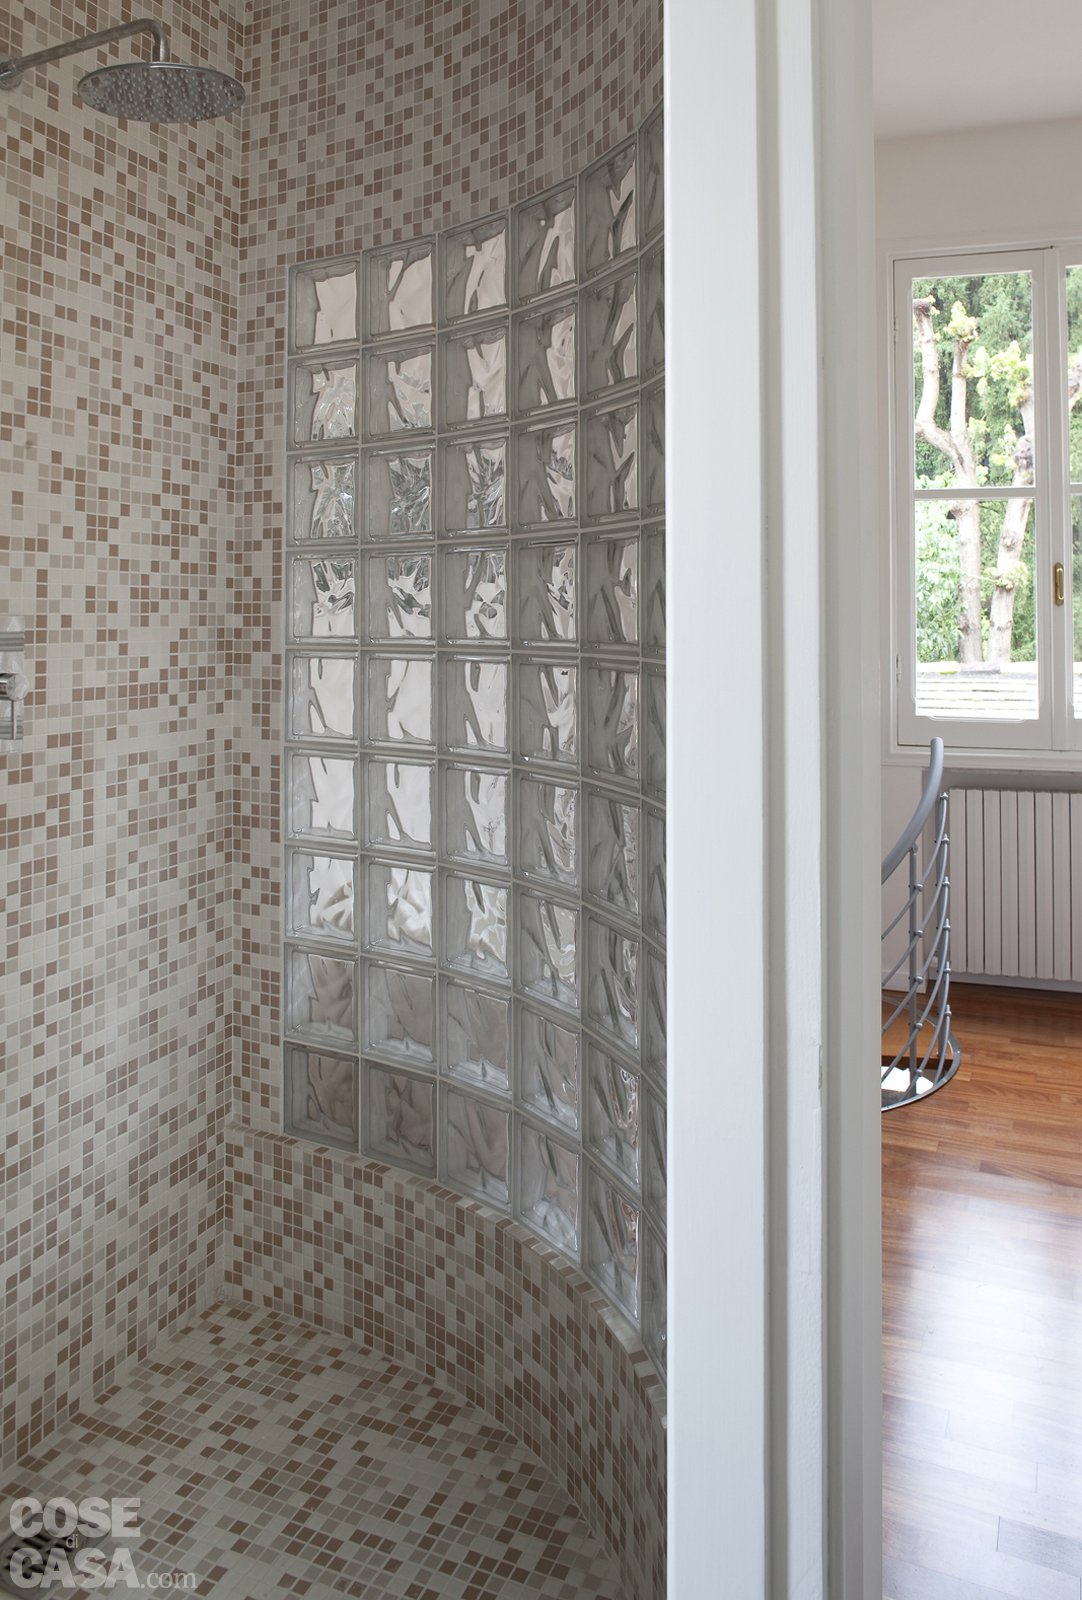 48 mq bilocale su due livelli cose di casa - Posa piatto doccia prima o dopo piastrelle ...